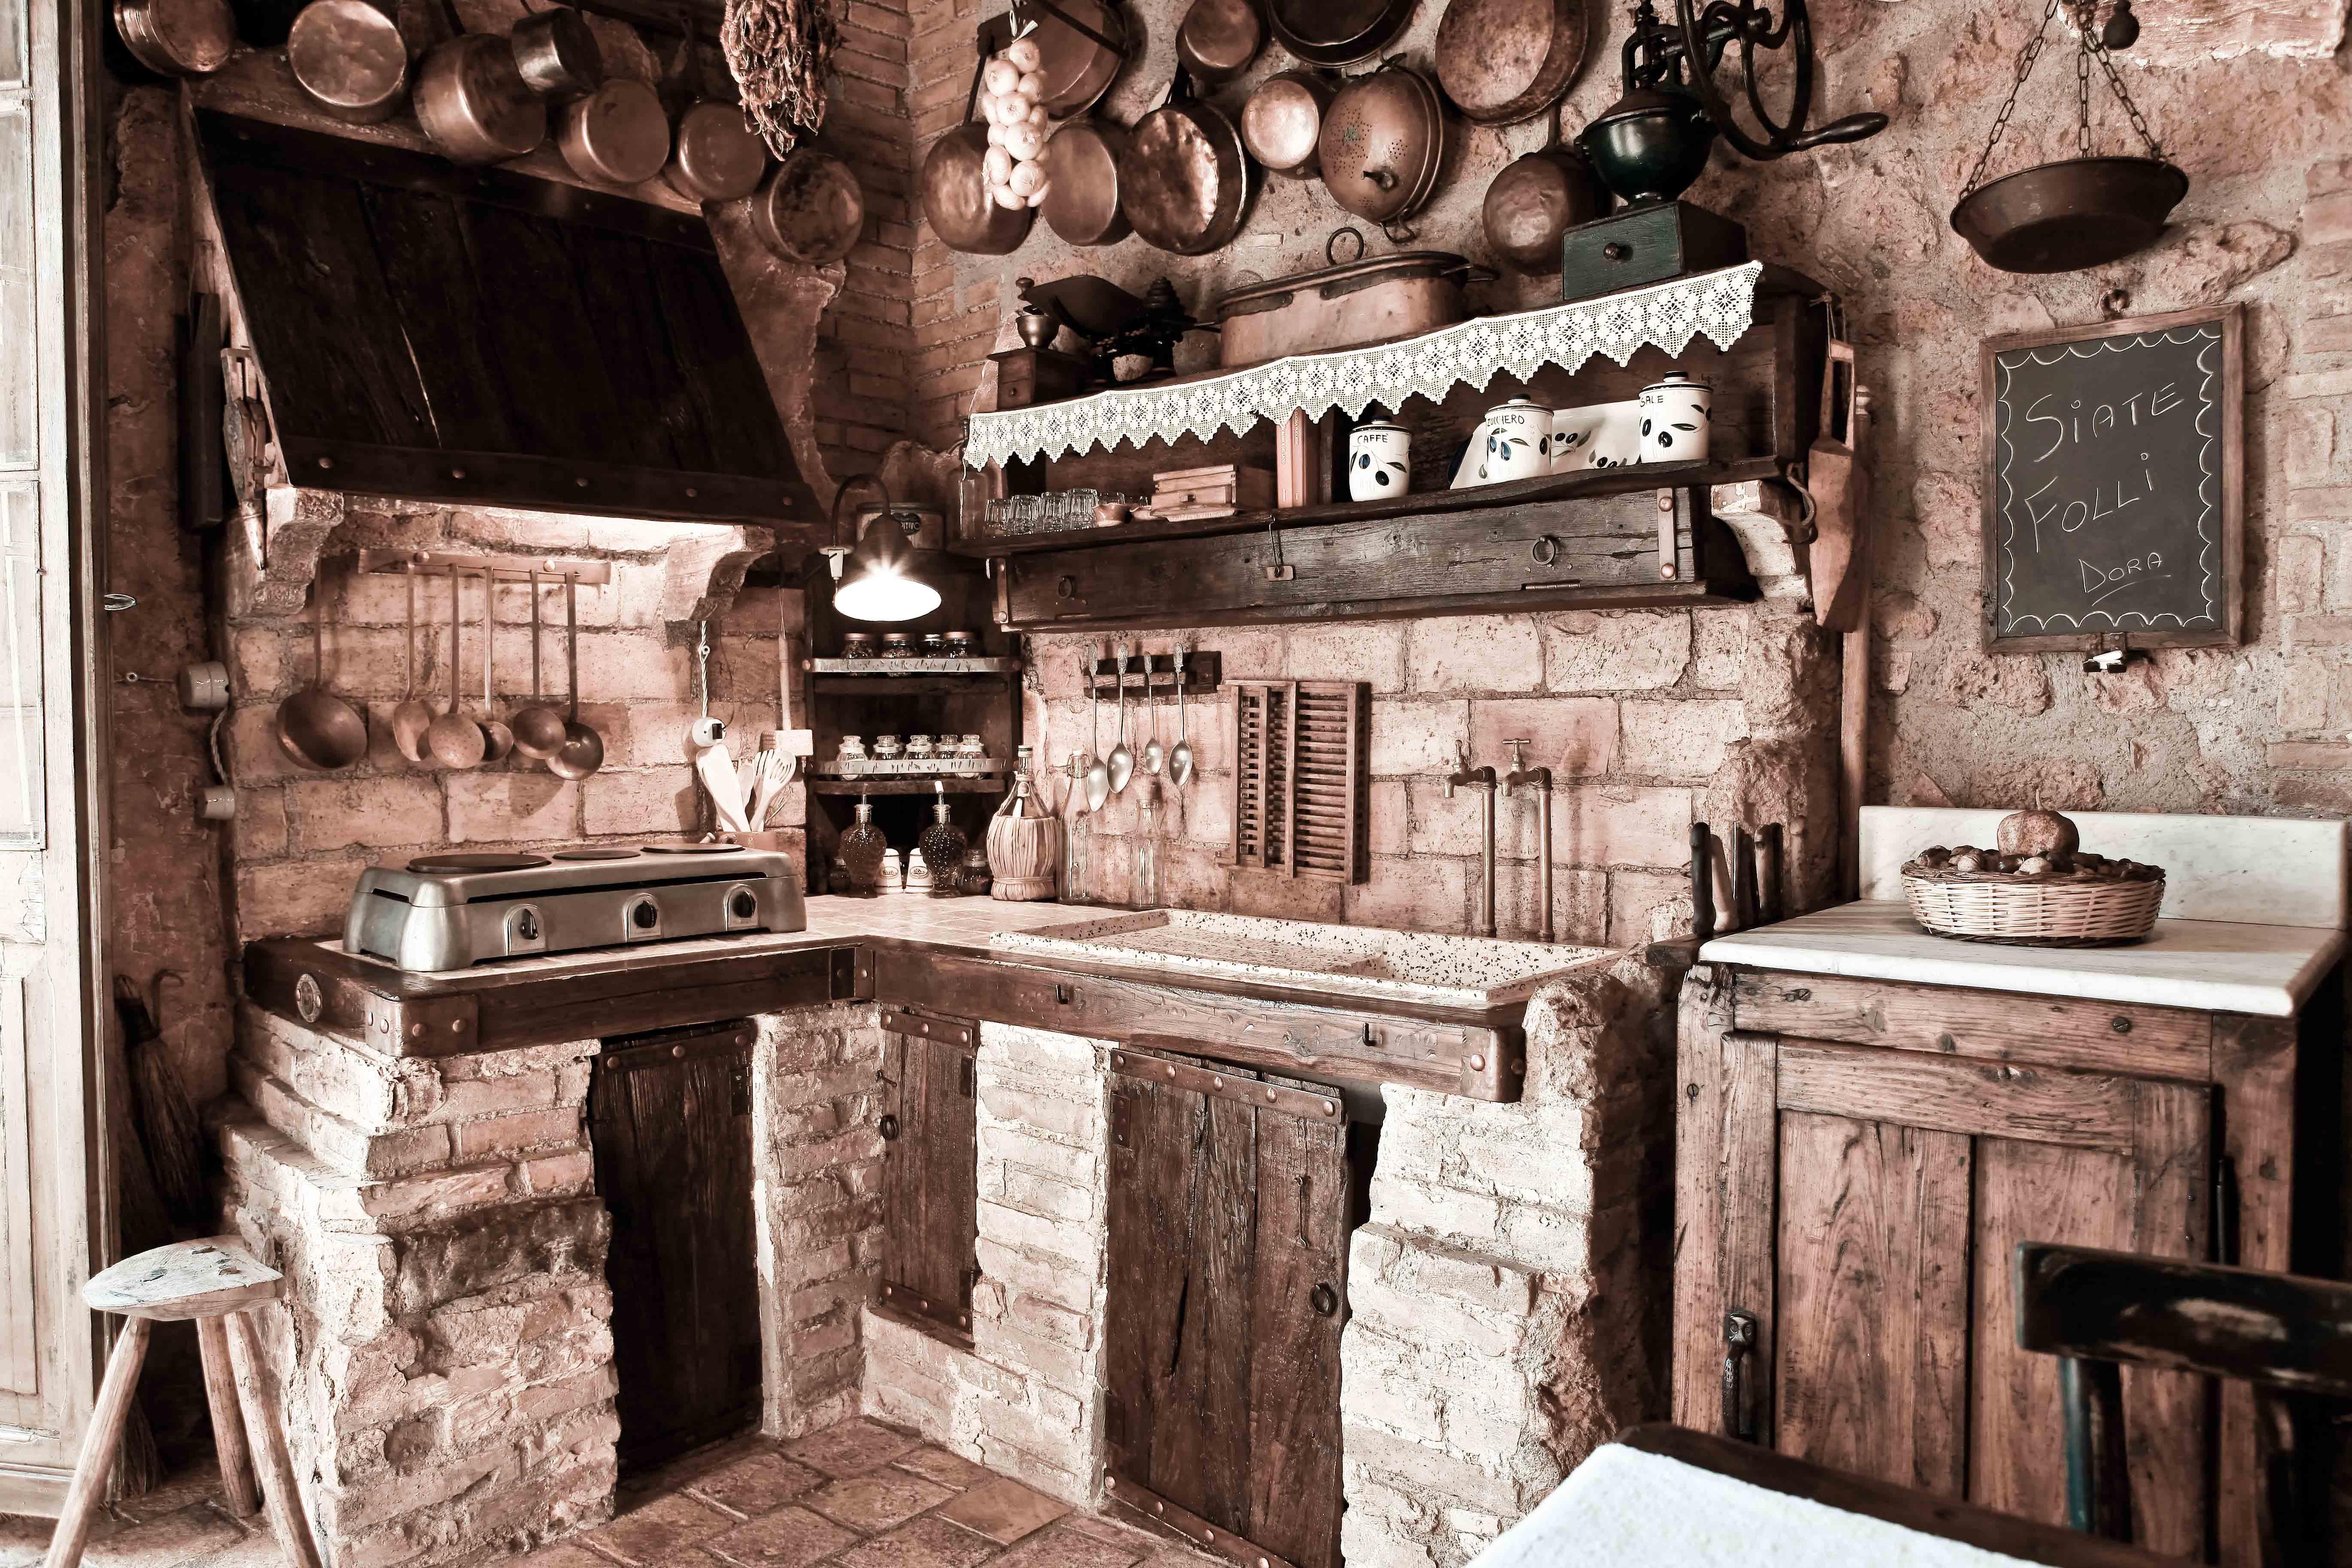 L 39 antica dimora cena per due a capranica ma non solo for Cucina romana antica